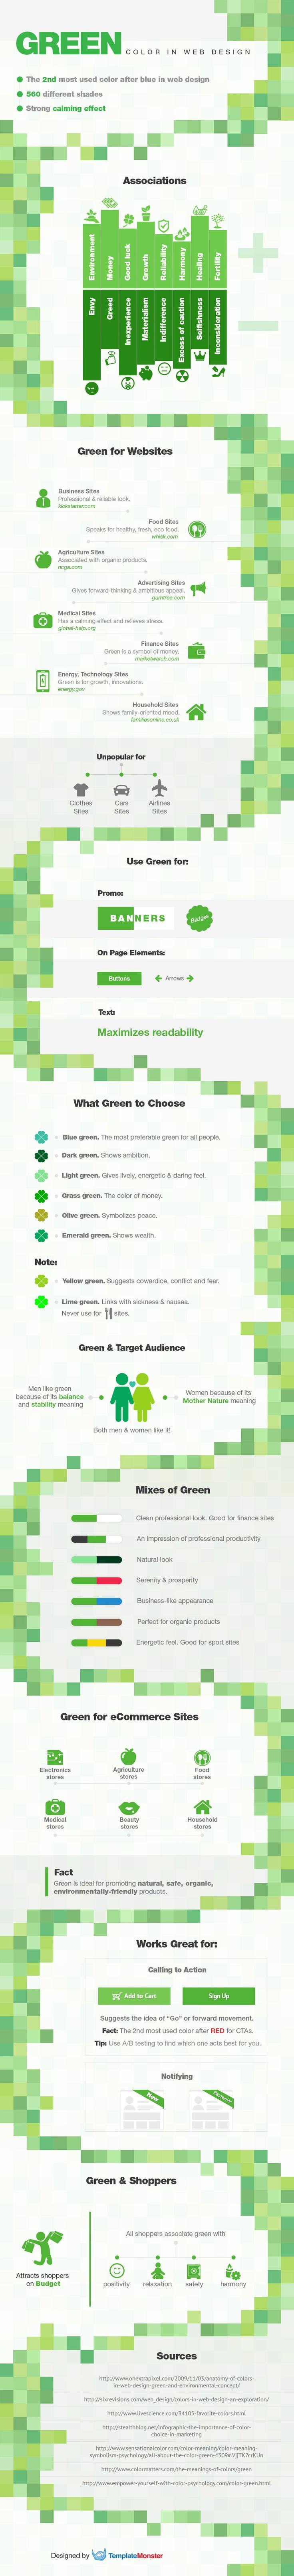 Green Color in Web Design [Infographics] #greeninspiration #webdesigntutorial #stpatricksday  https://www.templatemonster.com/blog/green-color-web-design-infographics/